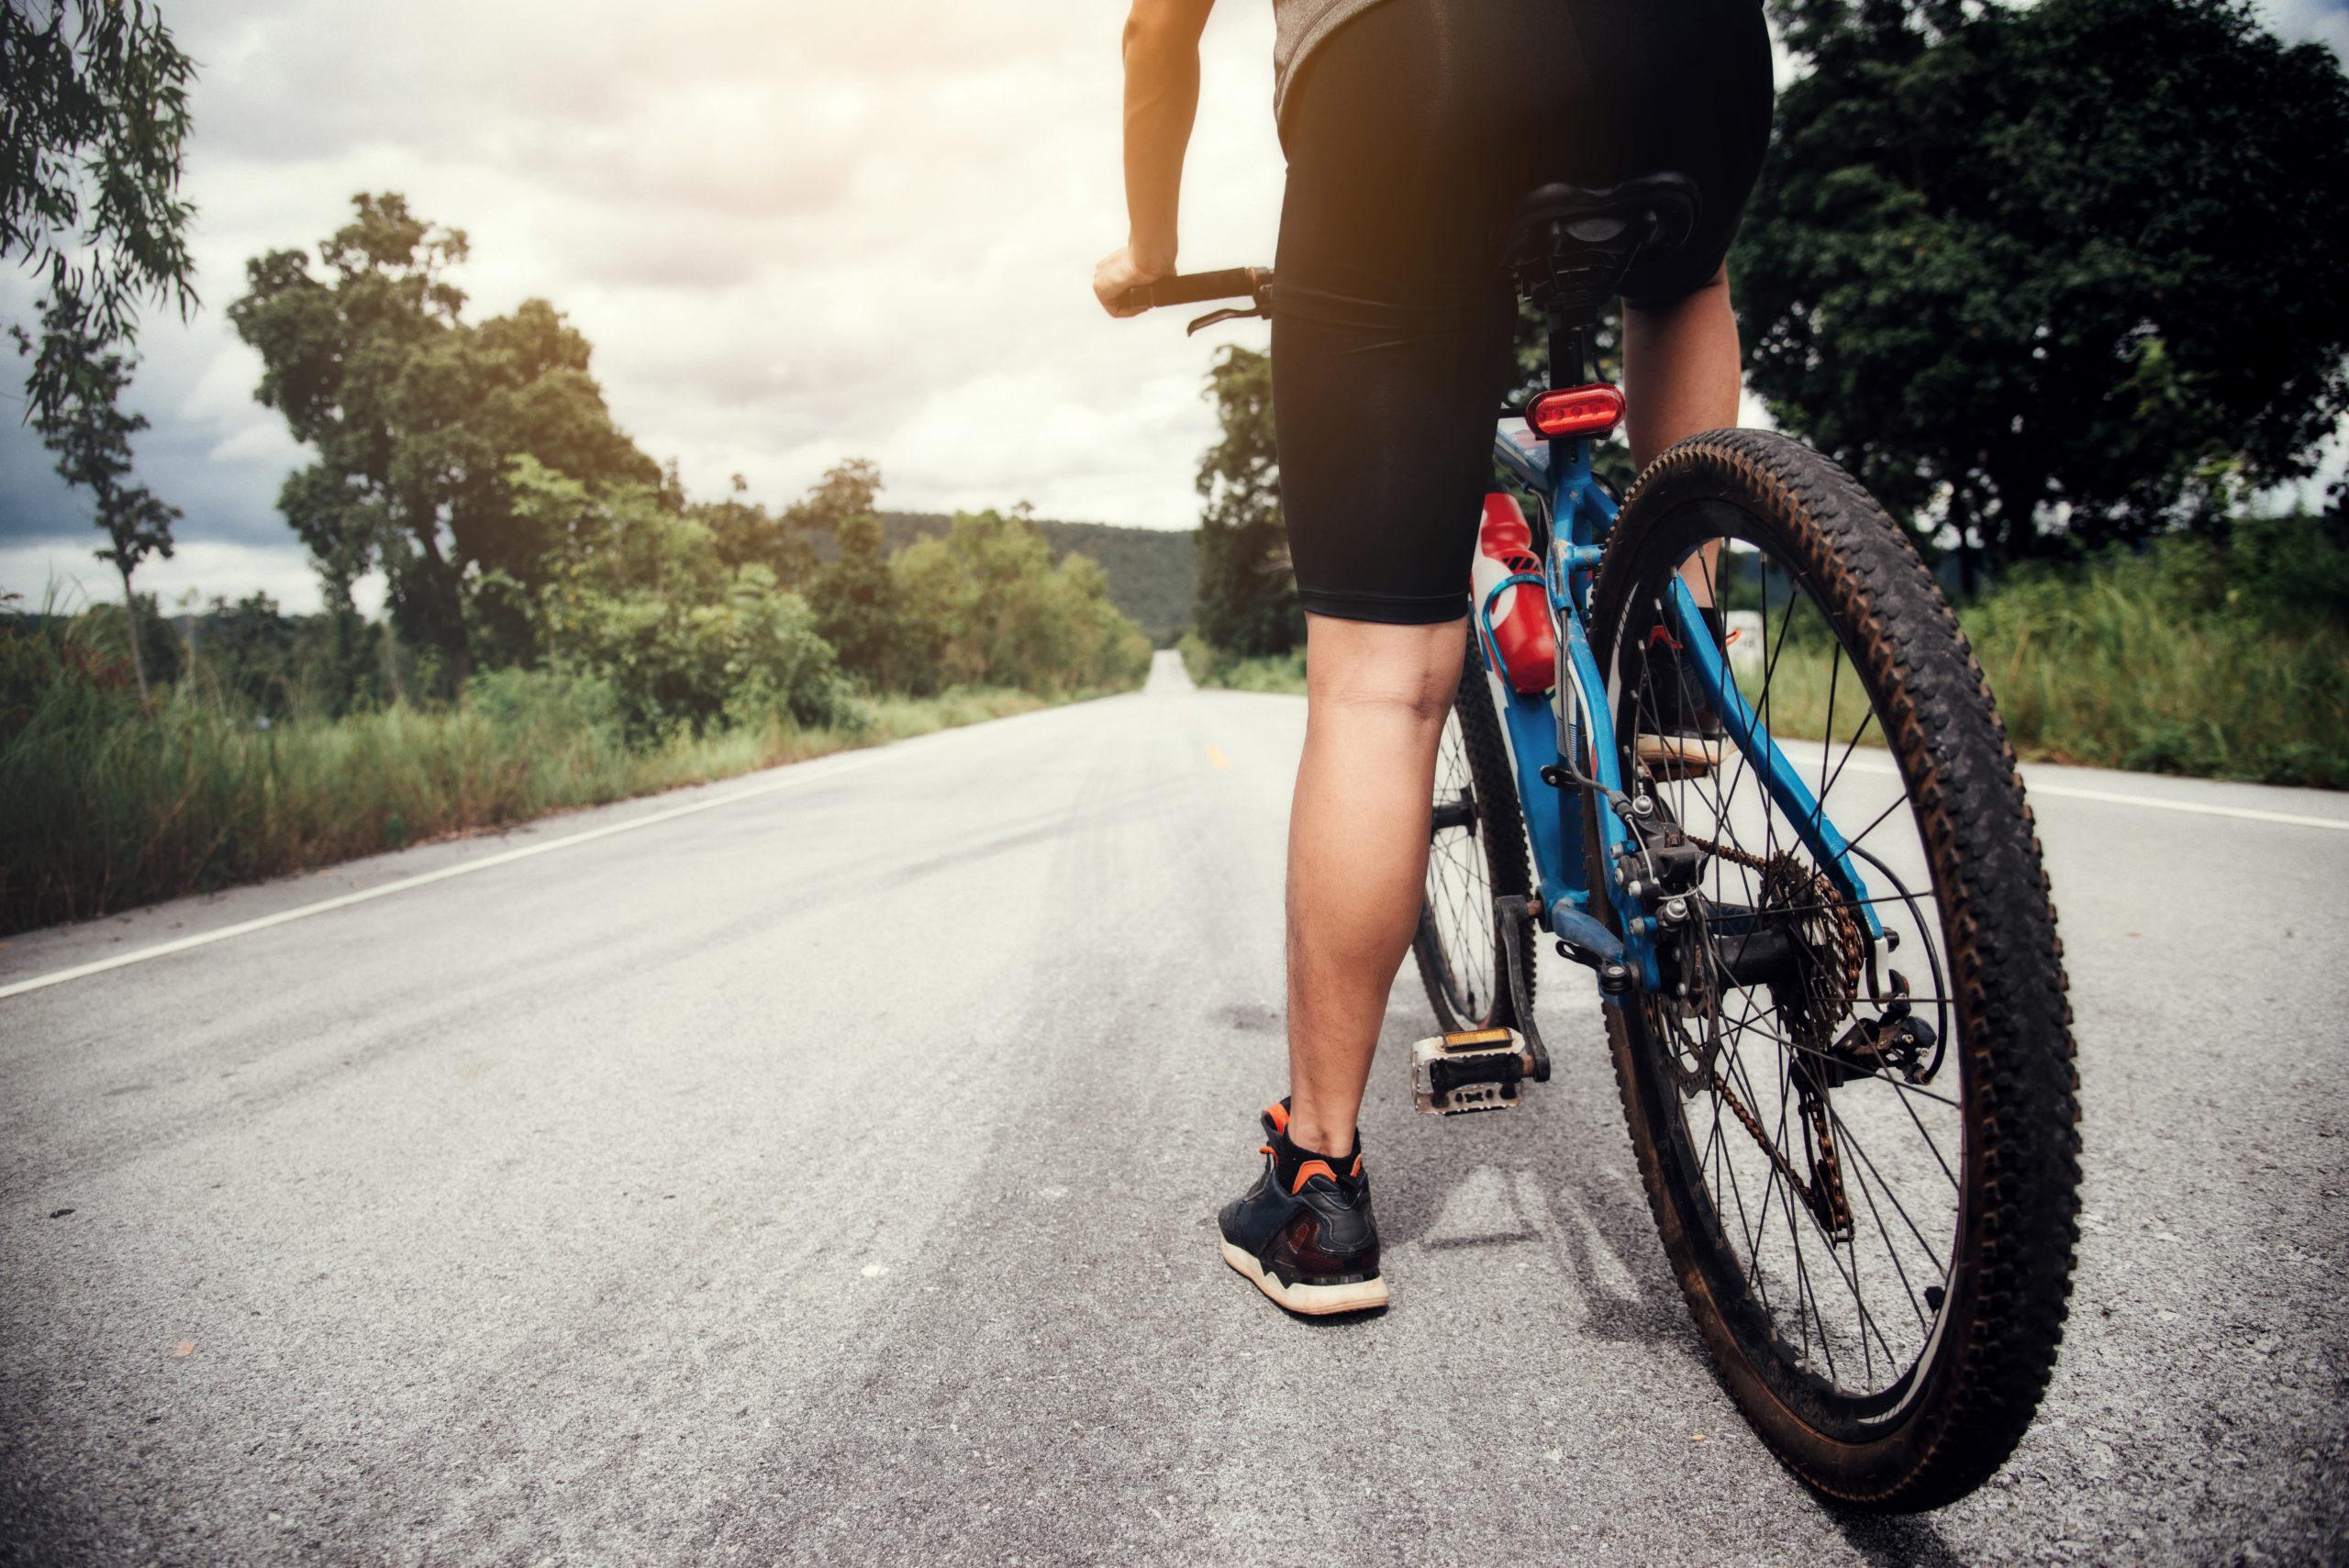 Arrêté de Police relatif à l'interdiction de spectateurs en matière de courses cyclistes et de rallyes